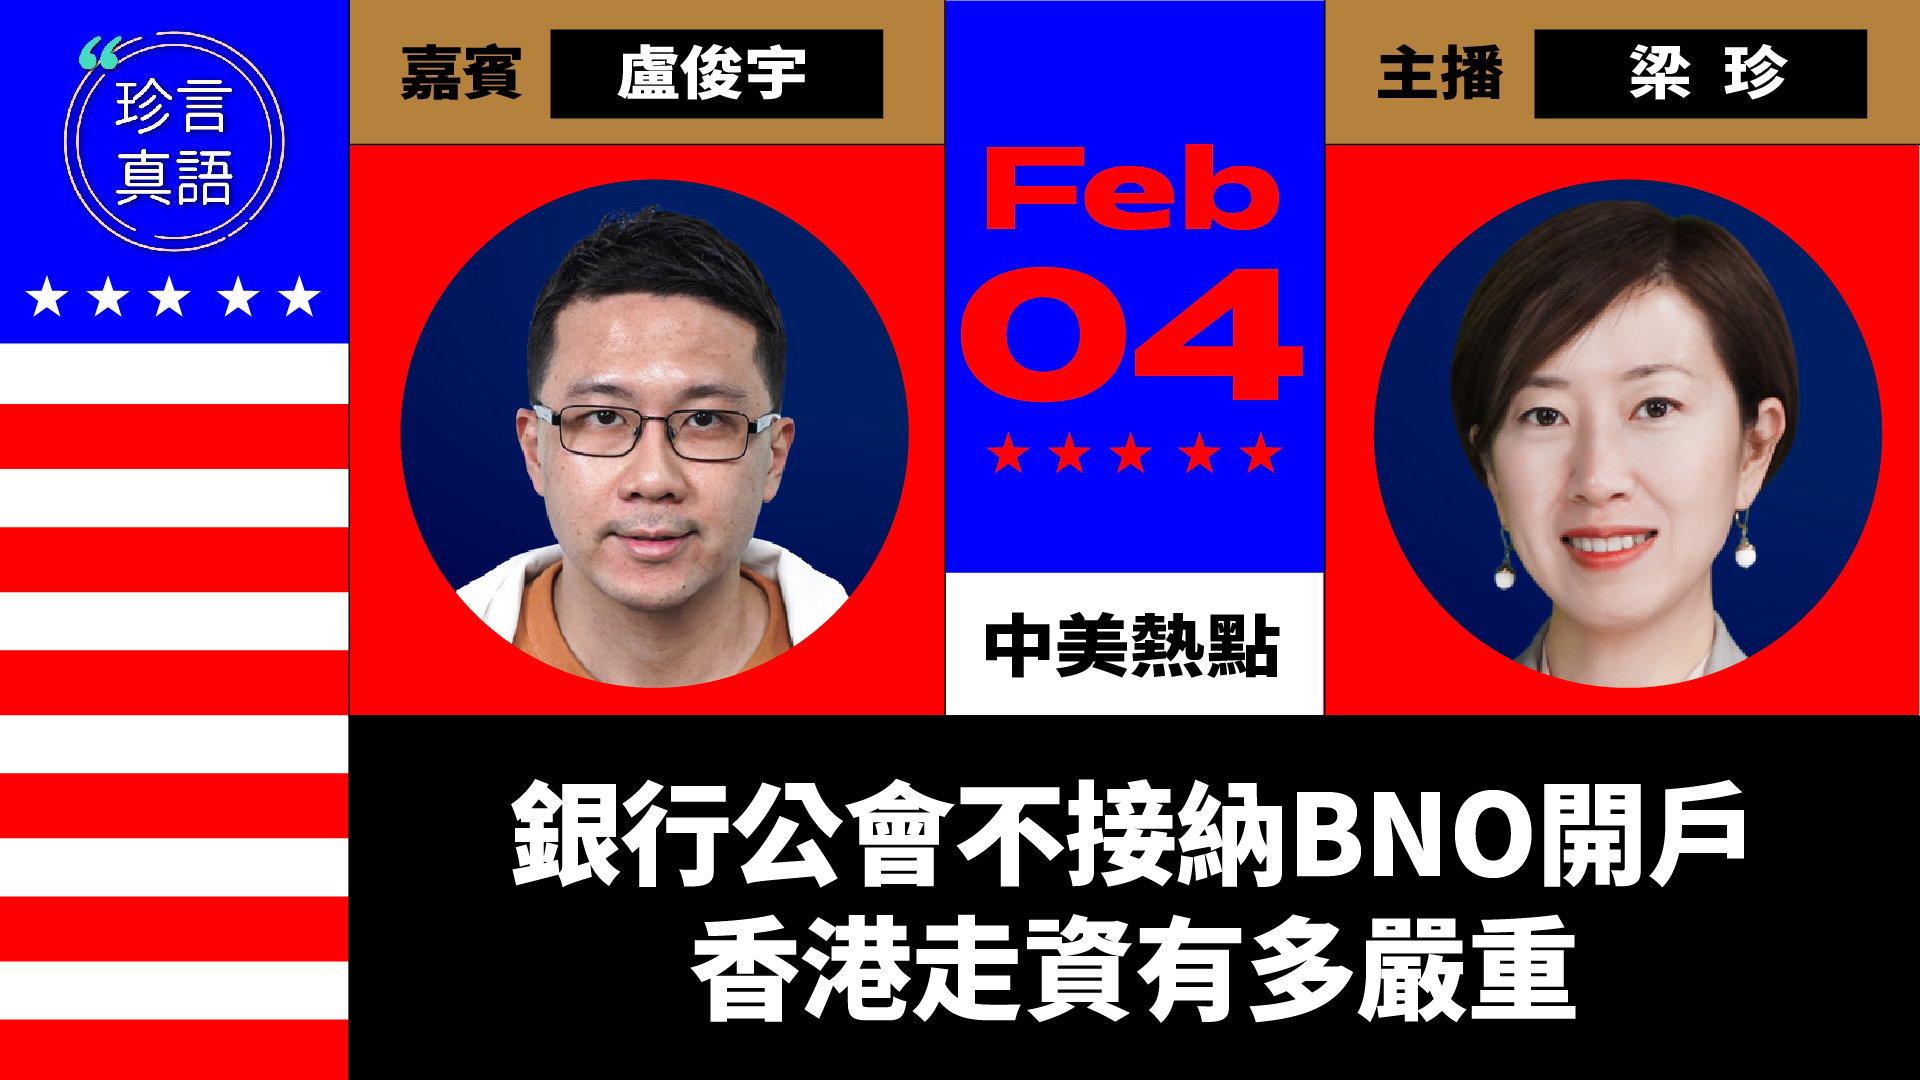 【珍言真語】盧俊宇:銀行公會不接納BNO開戶,香港走資有多嚴重。(大紀元製圖)